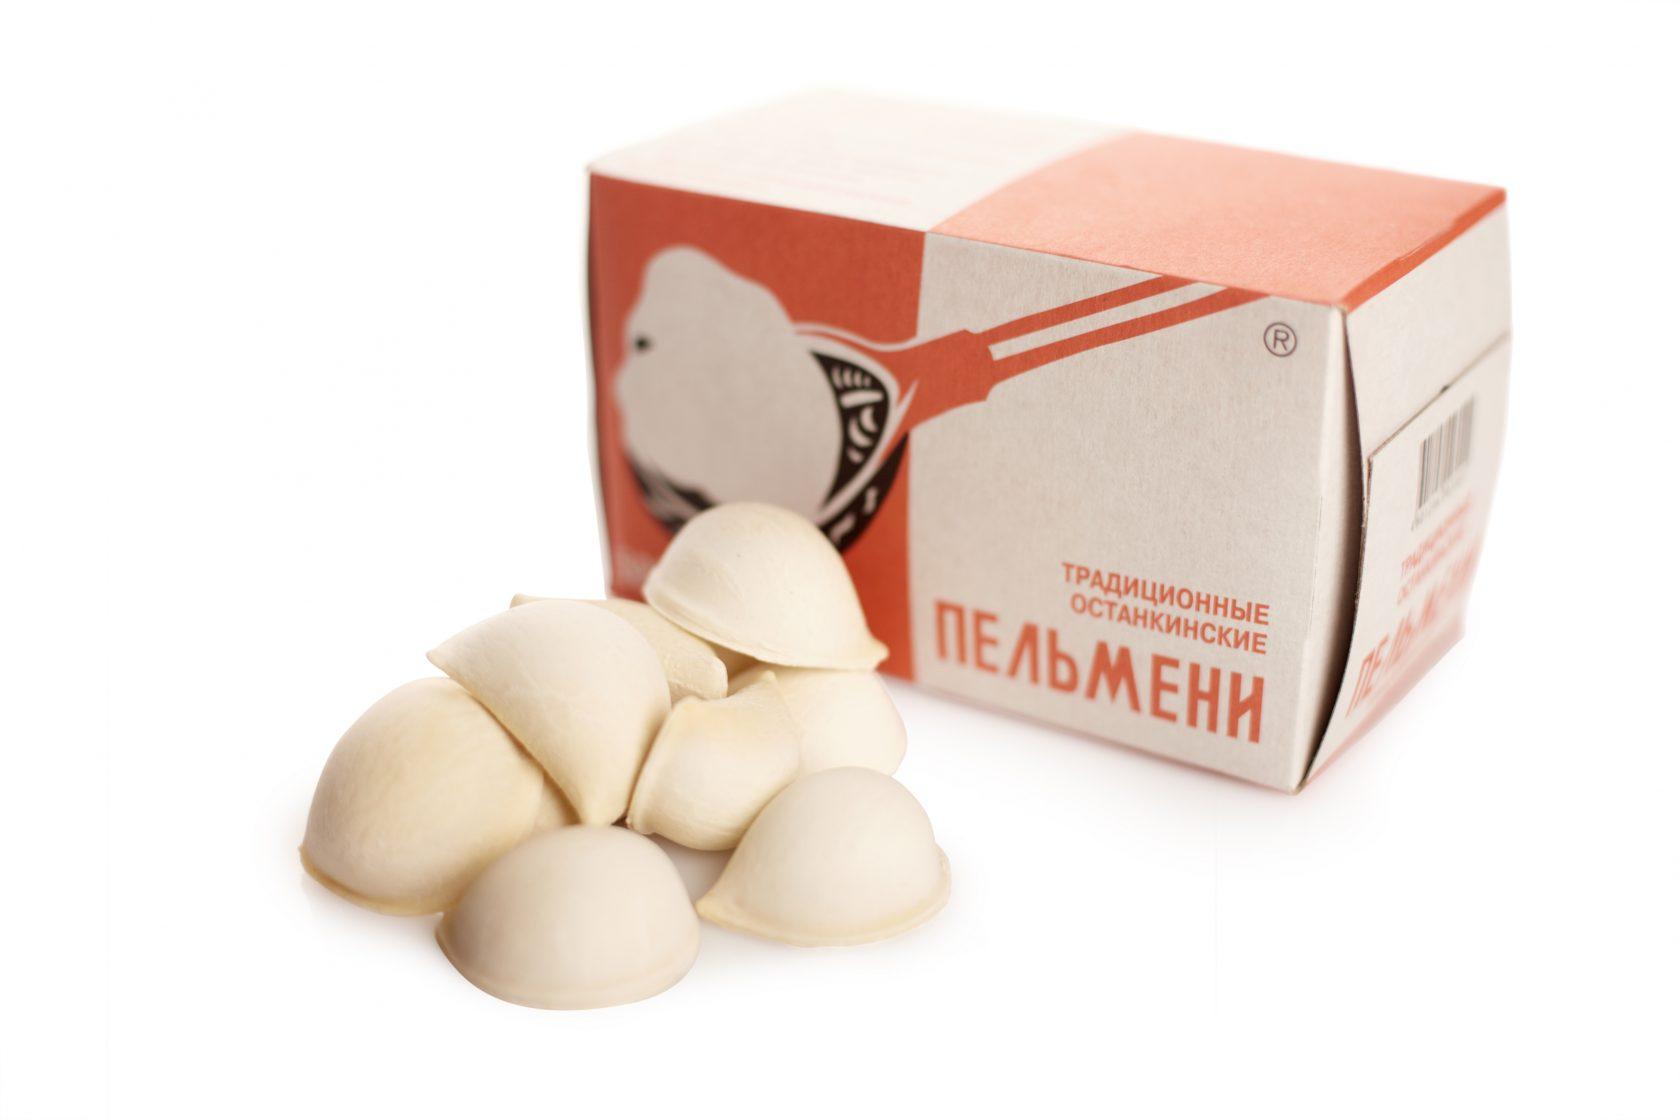 Пельмени традиционные 0,5  кг